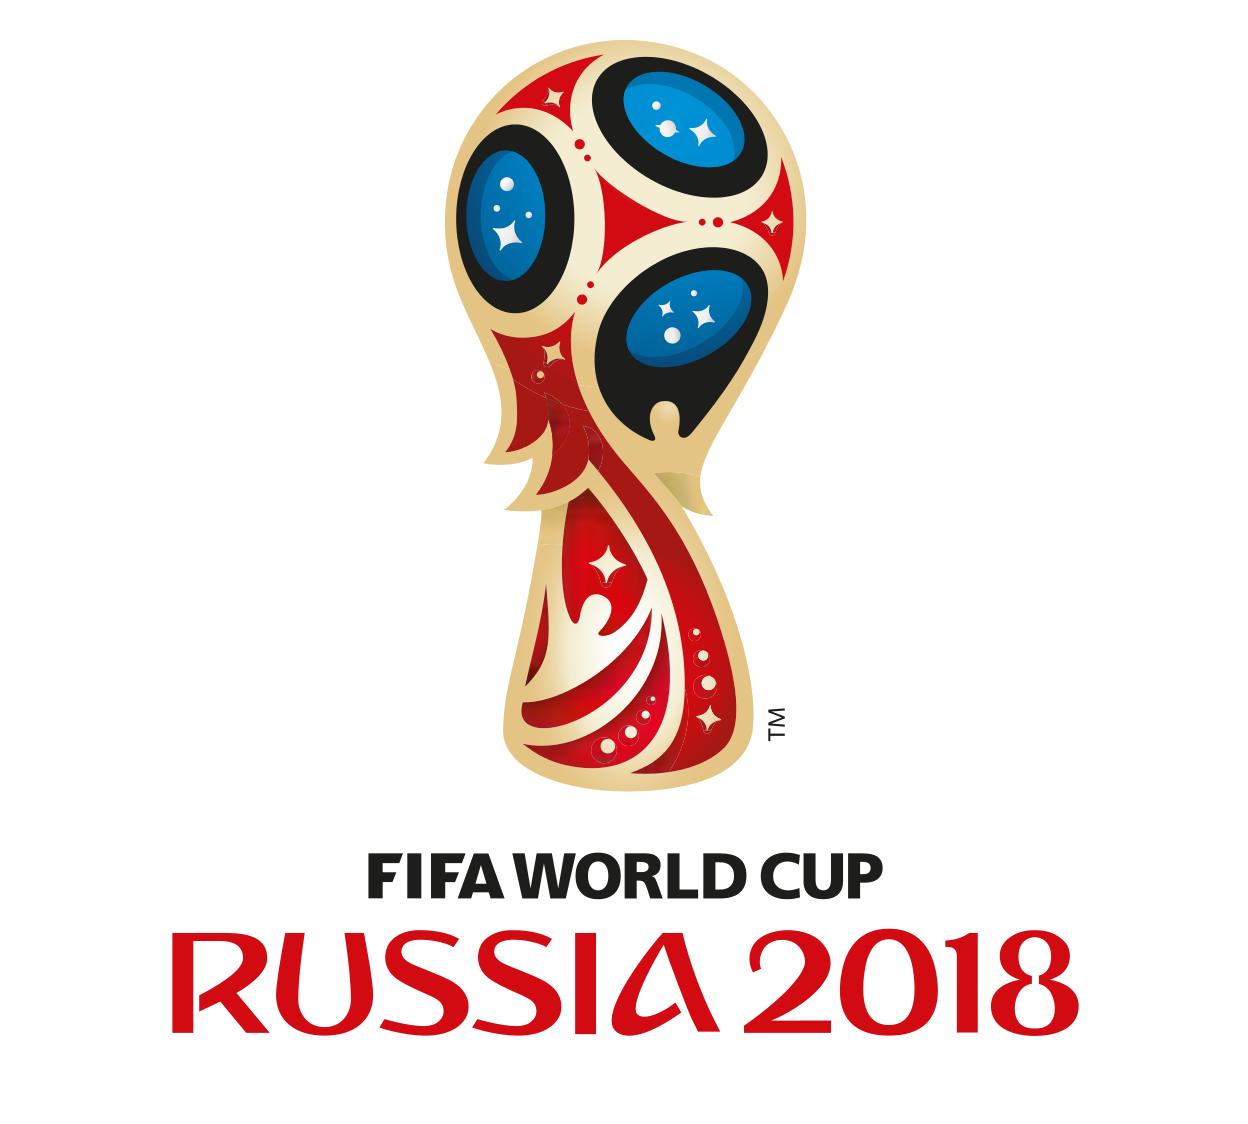 تماشای دورهمی بازی ایران مراکش در سیدنی